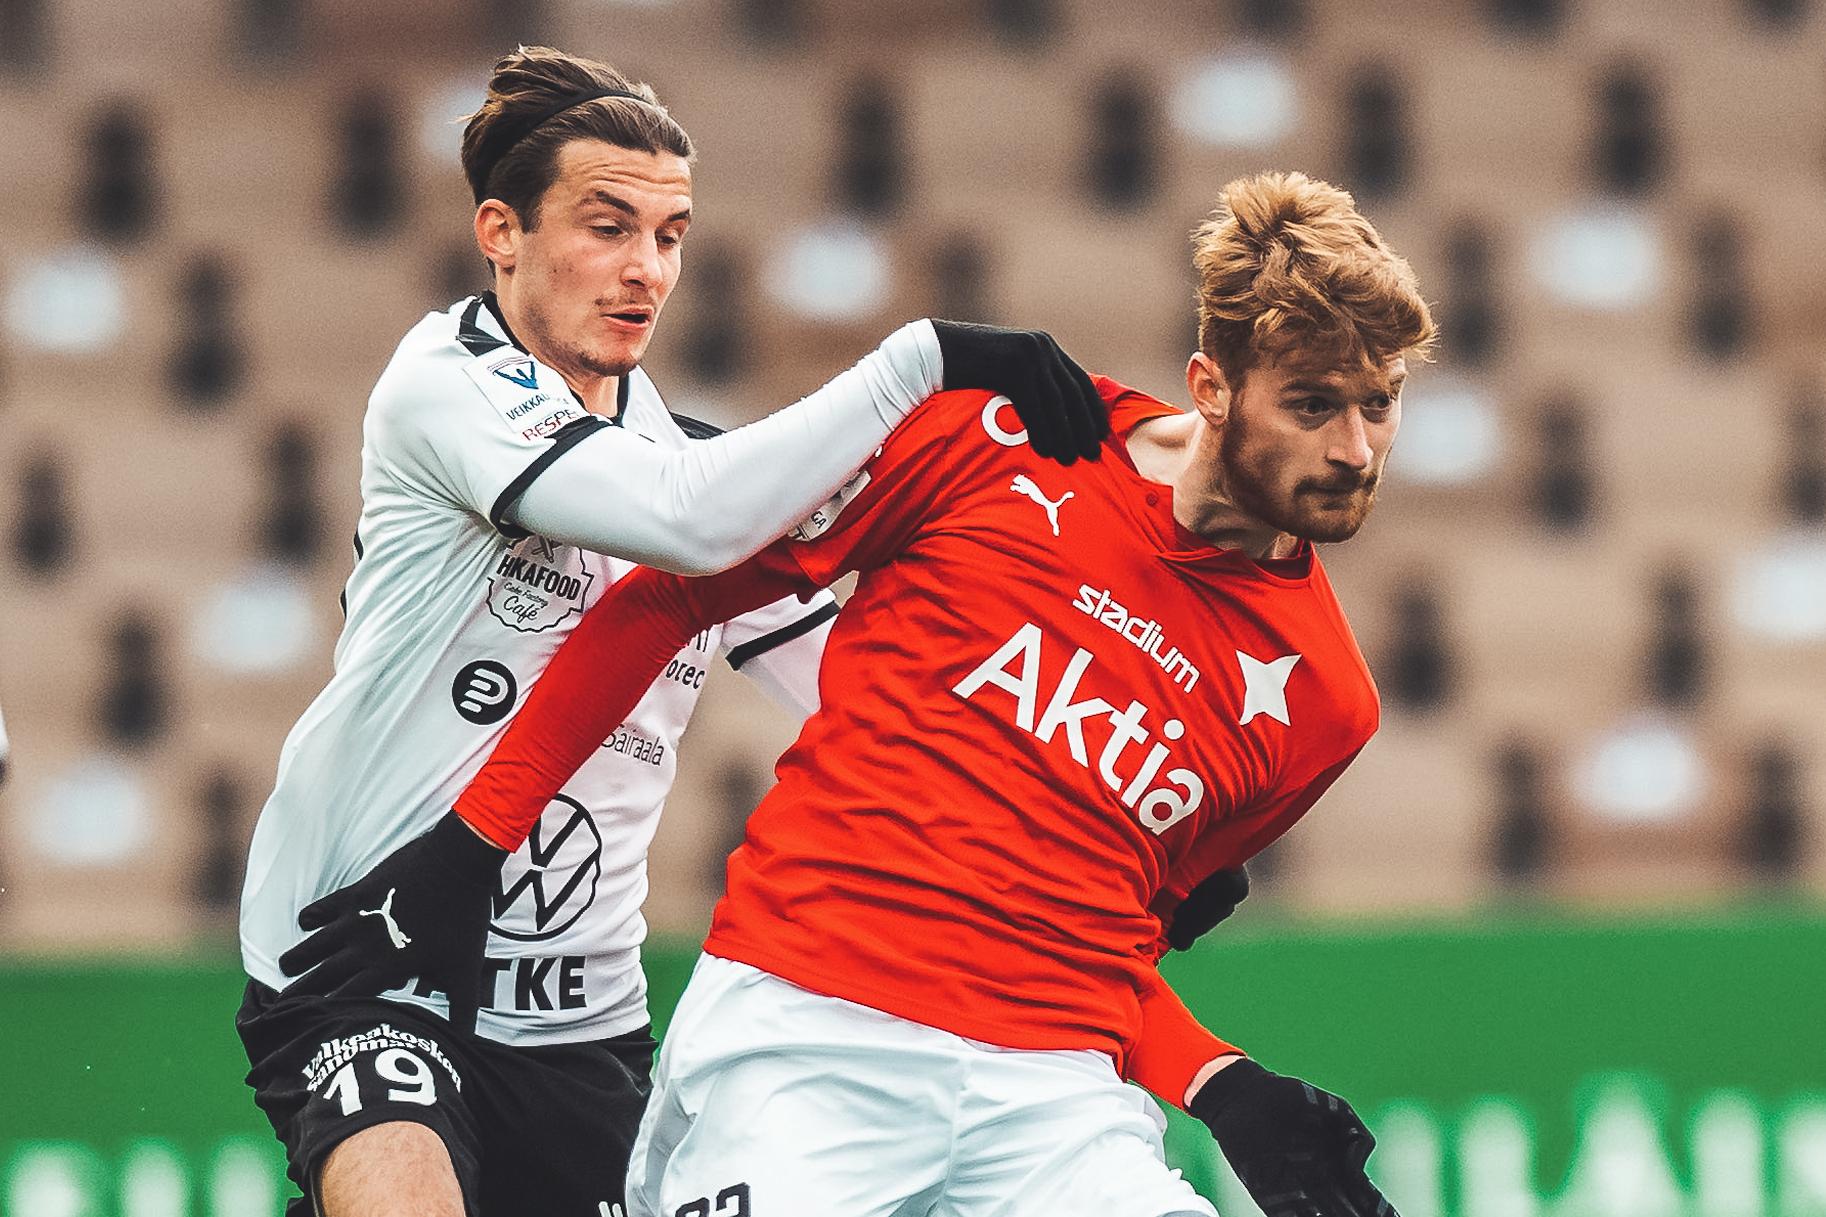 HIFK:n kausi jatkuu perjantaina Seinäjoella – päävalmentaja Joaquín Gómez kohtaa vanhan seuransa heti debyytissään